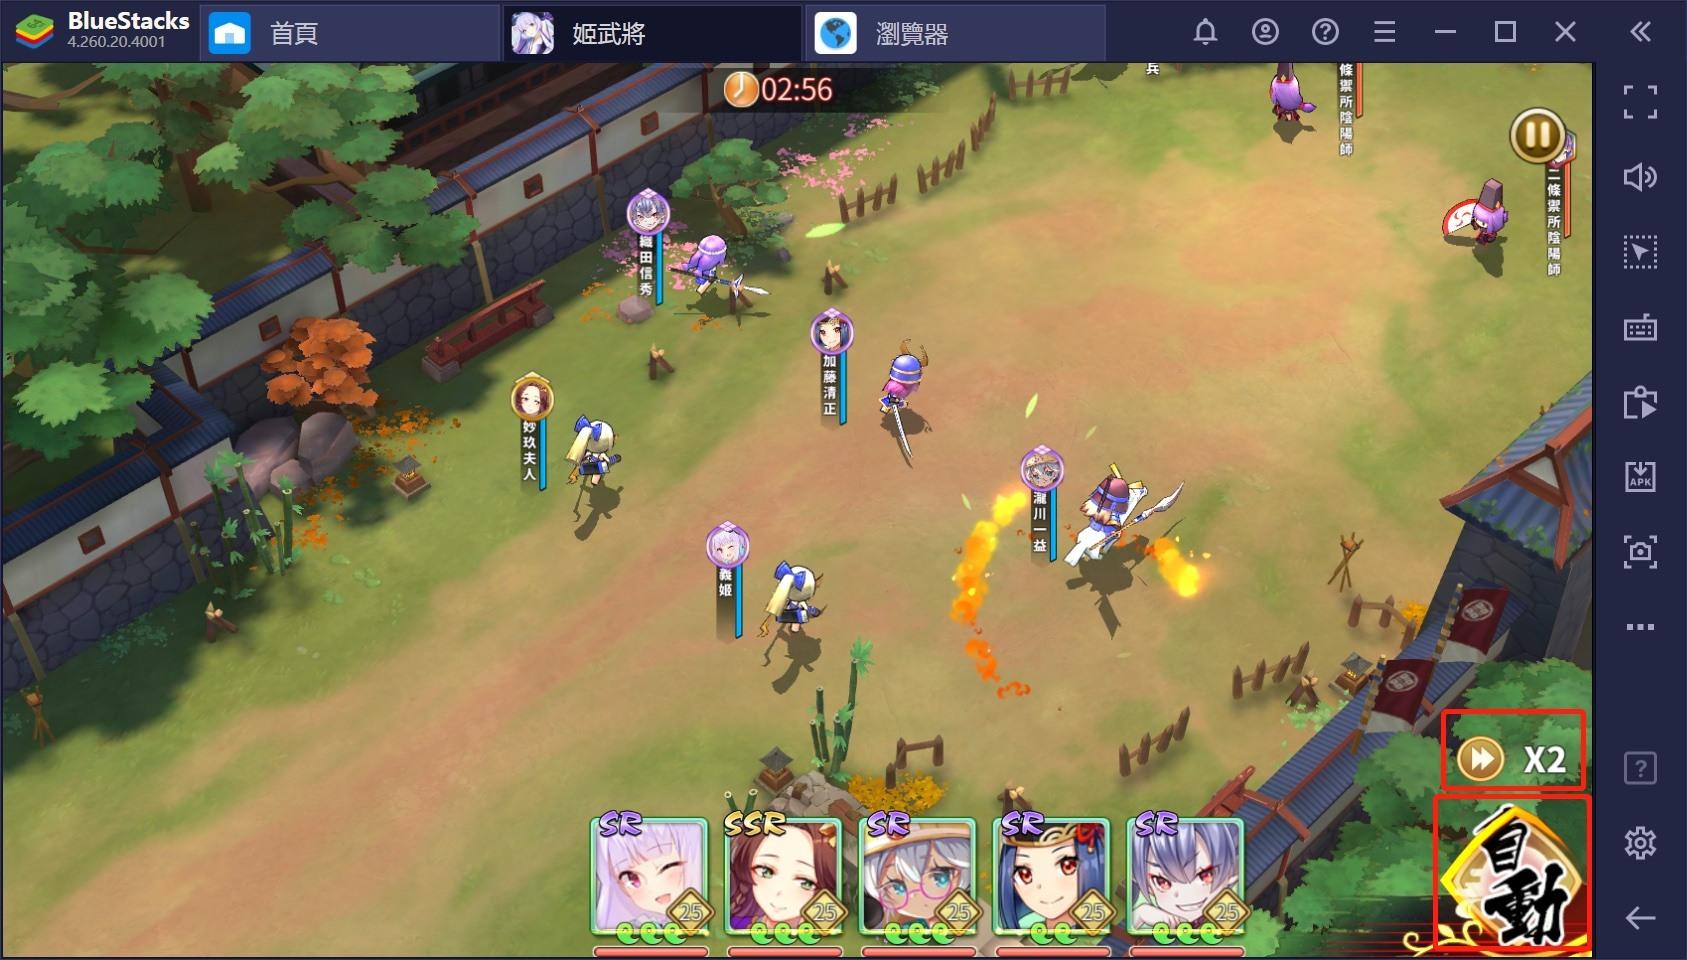 如何用BlueStacks在PC上玩戰國策略手遊《姬武將:戰國亂舞》